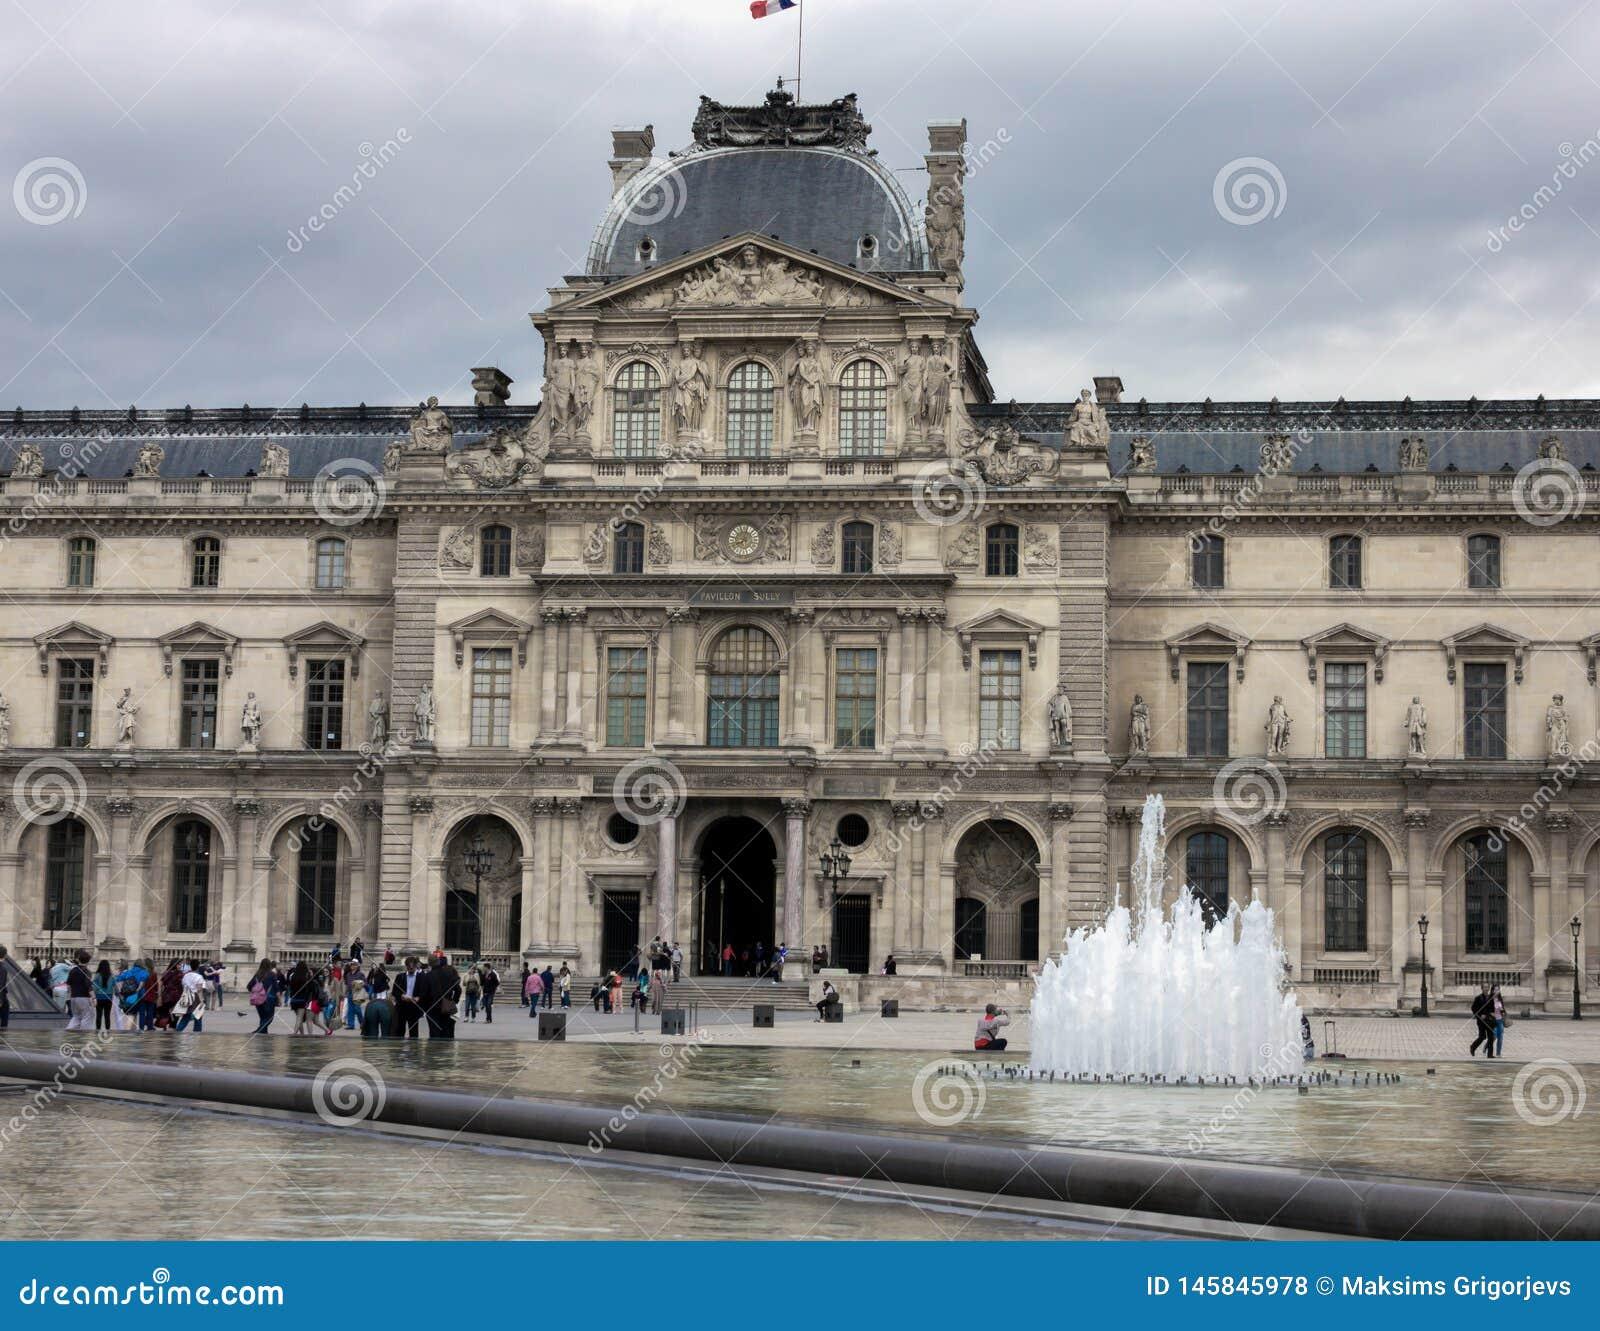 Το μουσείο παλατιών του Λούβρου στο Παρίσι, Γαλλία, στις 25 Ιουνίου 2013